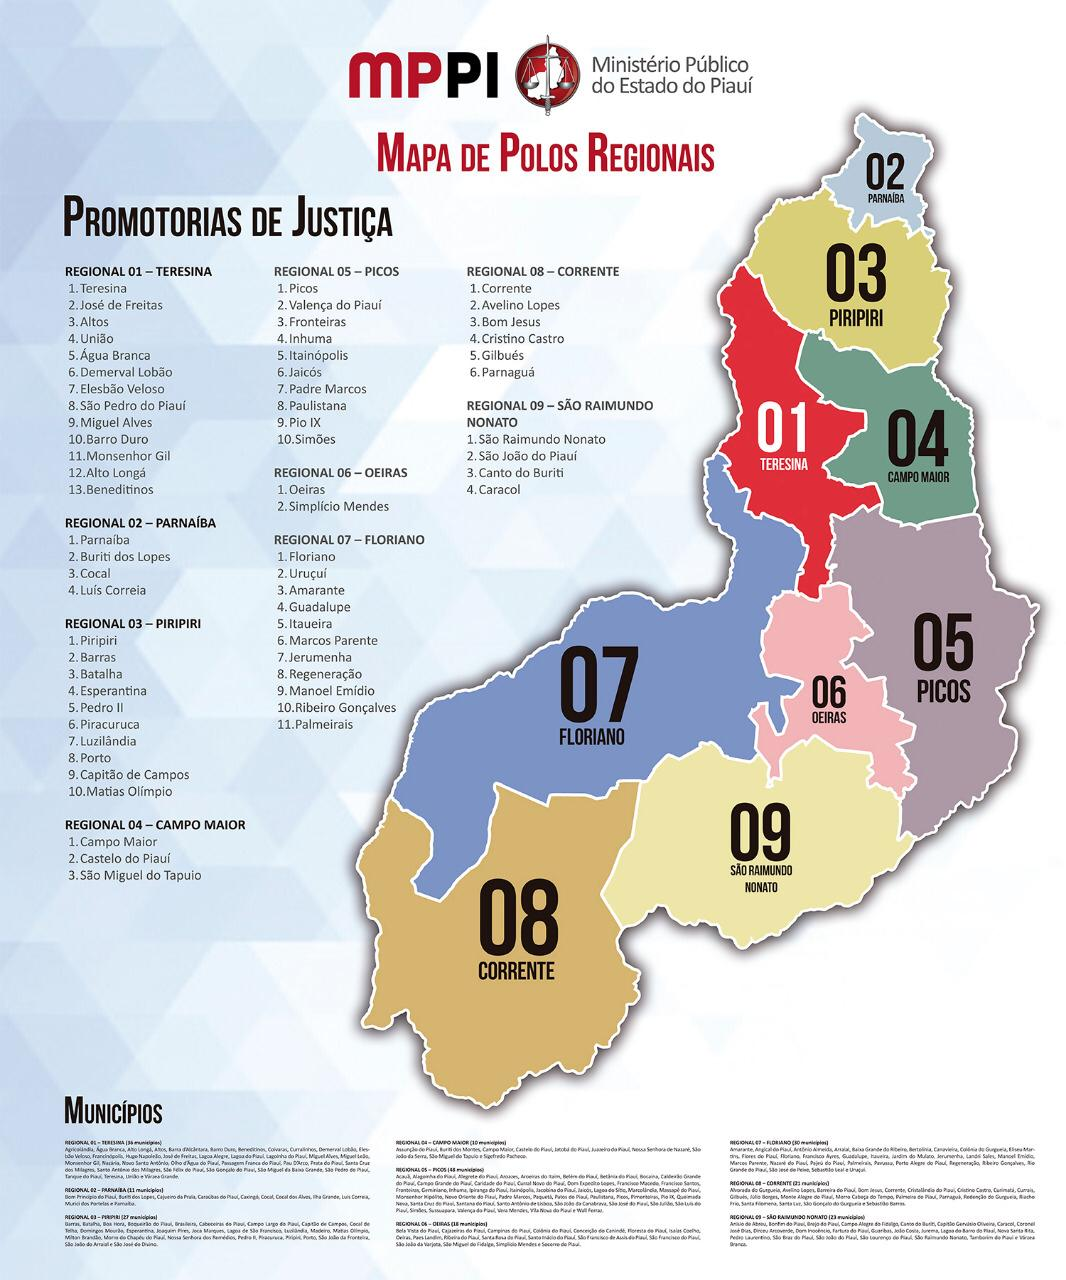 Mapa dos Polos Regionais